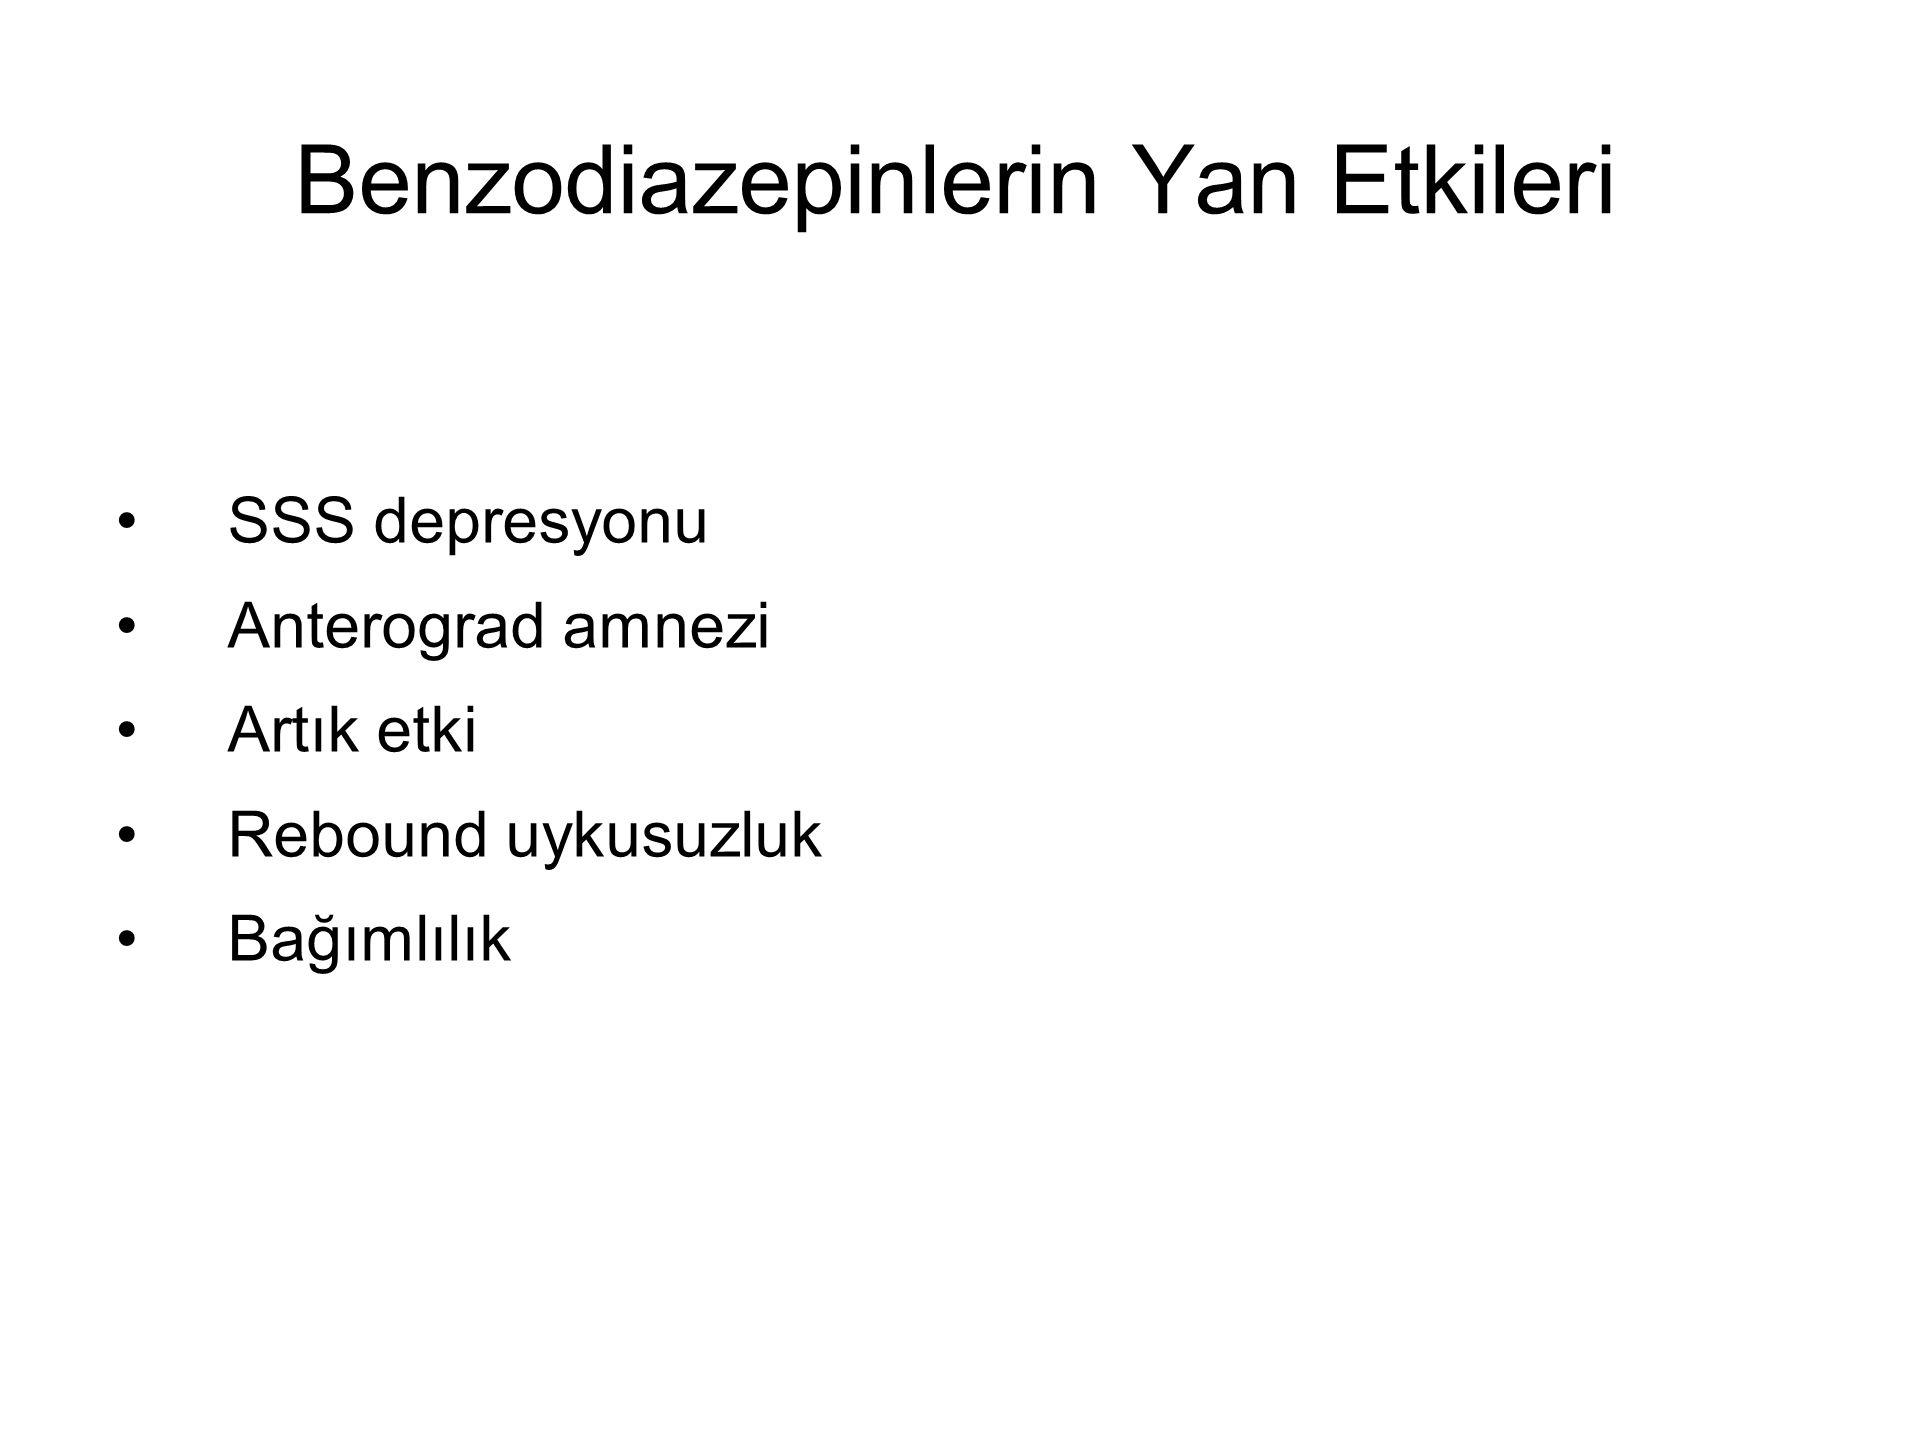 Benzodiazepinlerin Yan Etkileri SSS depresyonu Anterograd amnezi Artık etki Rebound uykusuzluk Bağımlılık